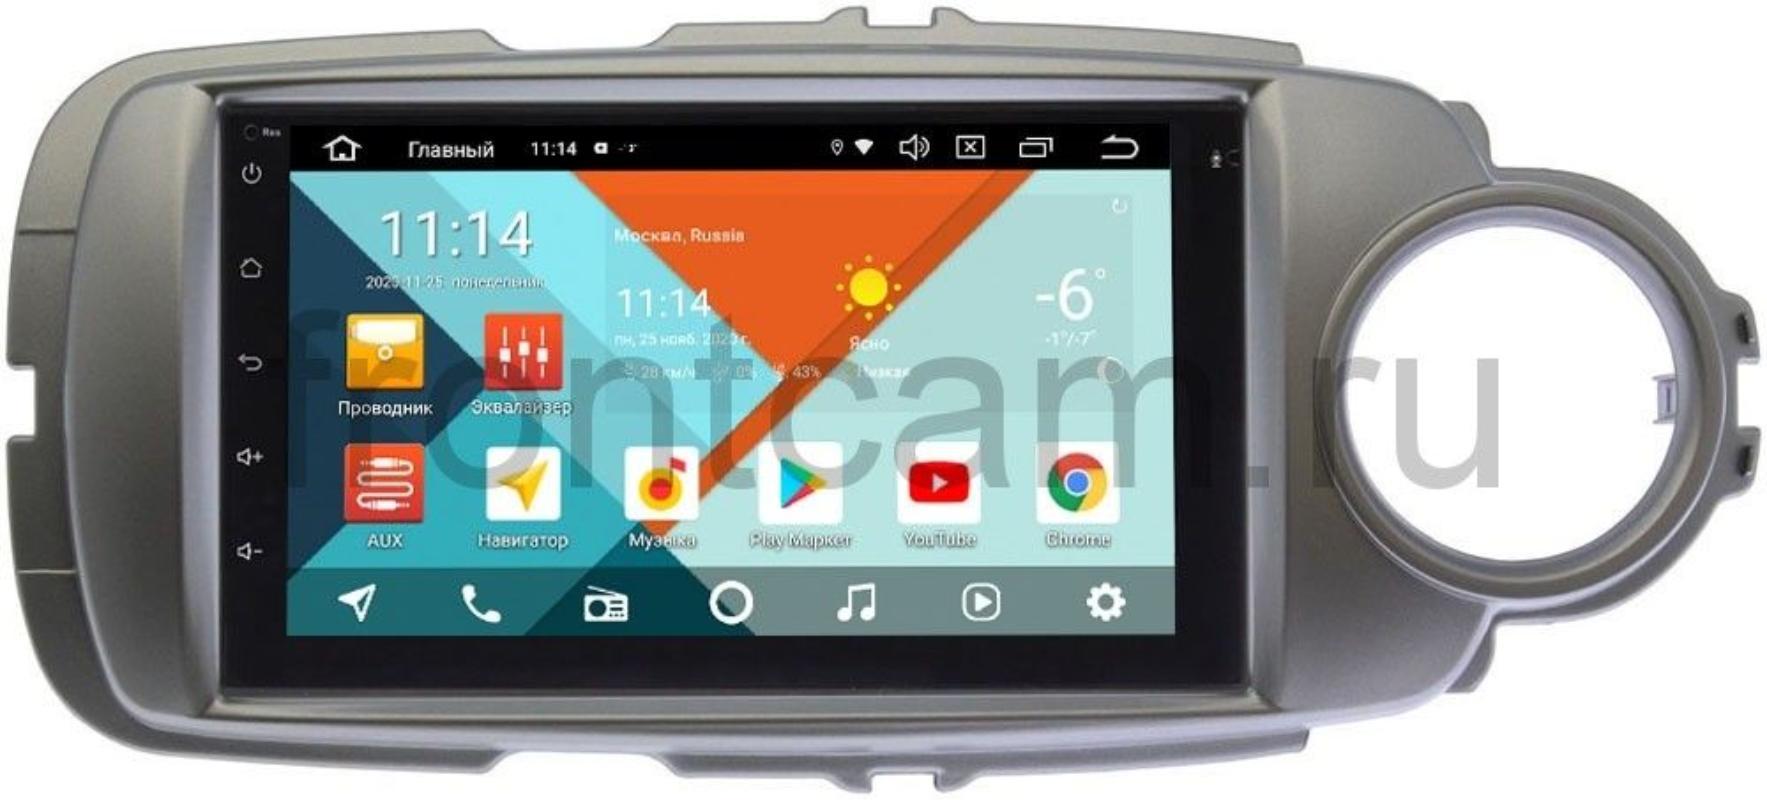 Магнитола для Toyota Yaris III (XP130), Vitz III (XP130) (правый и левый руль) Wide Media KS7001QR-3/32-RP-TYVT13X-181 на Android 10 (DSP CarPlay 4G-SIM) (+ Камера заднего вида в подарок!)